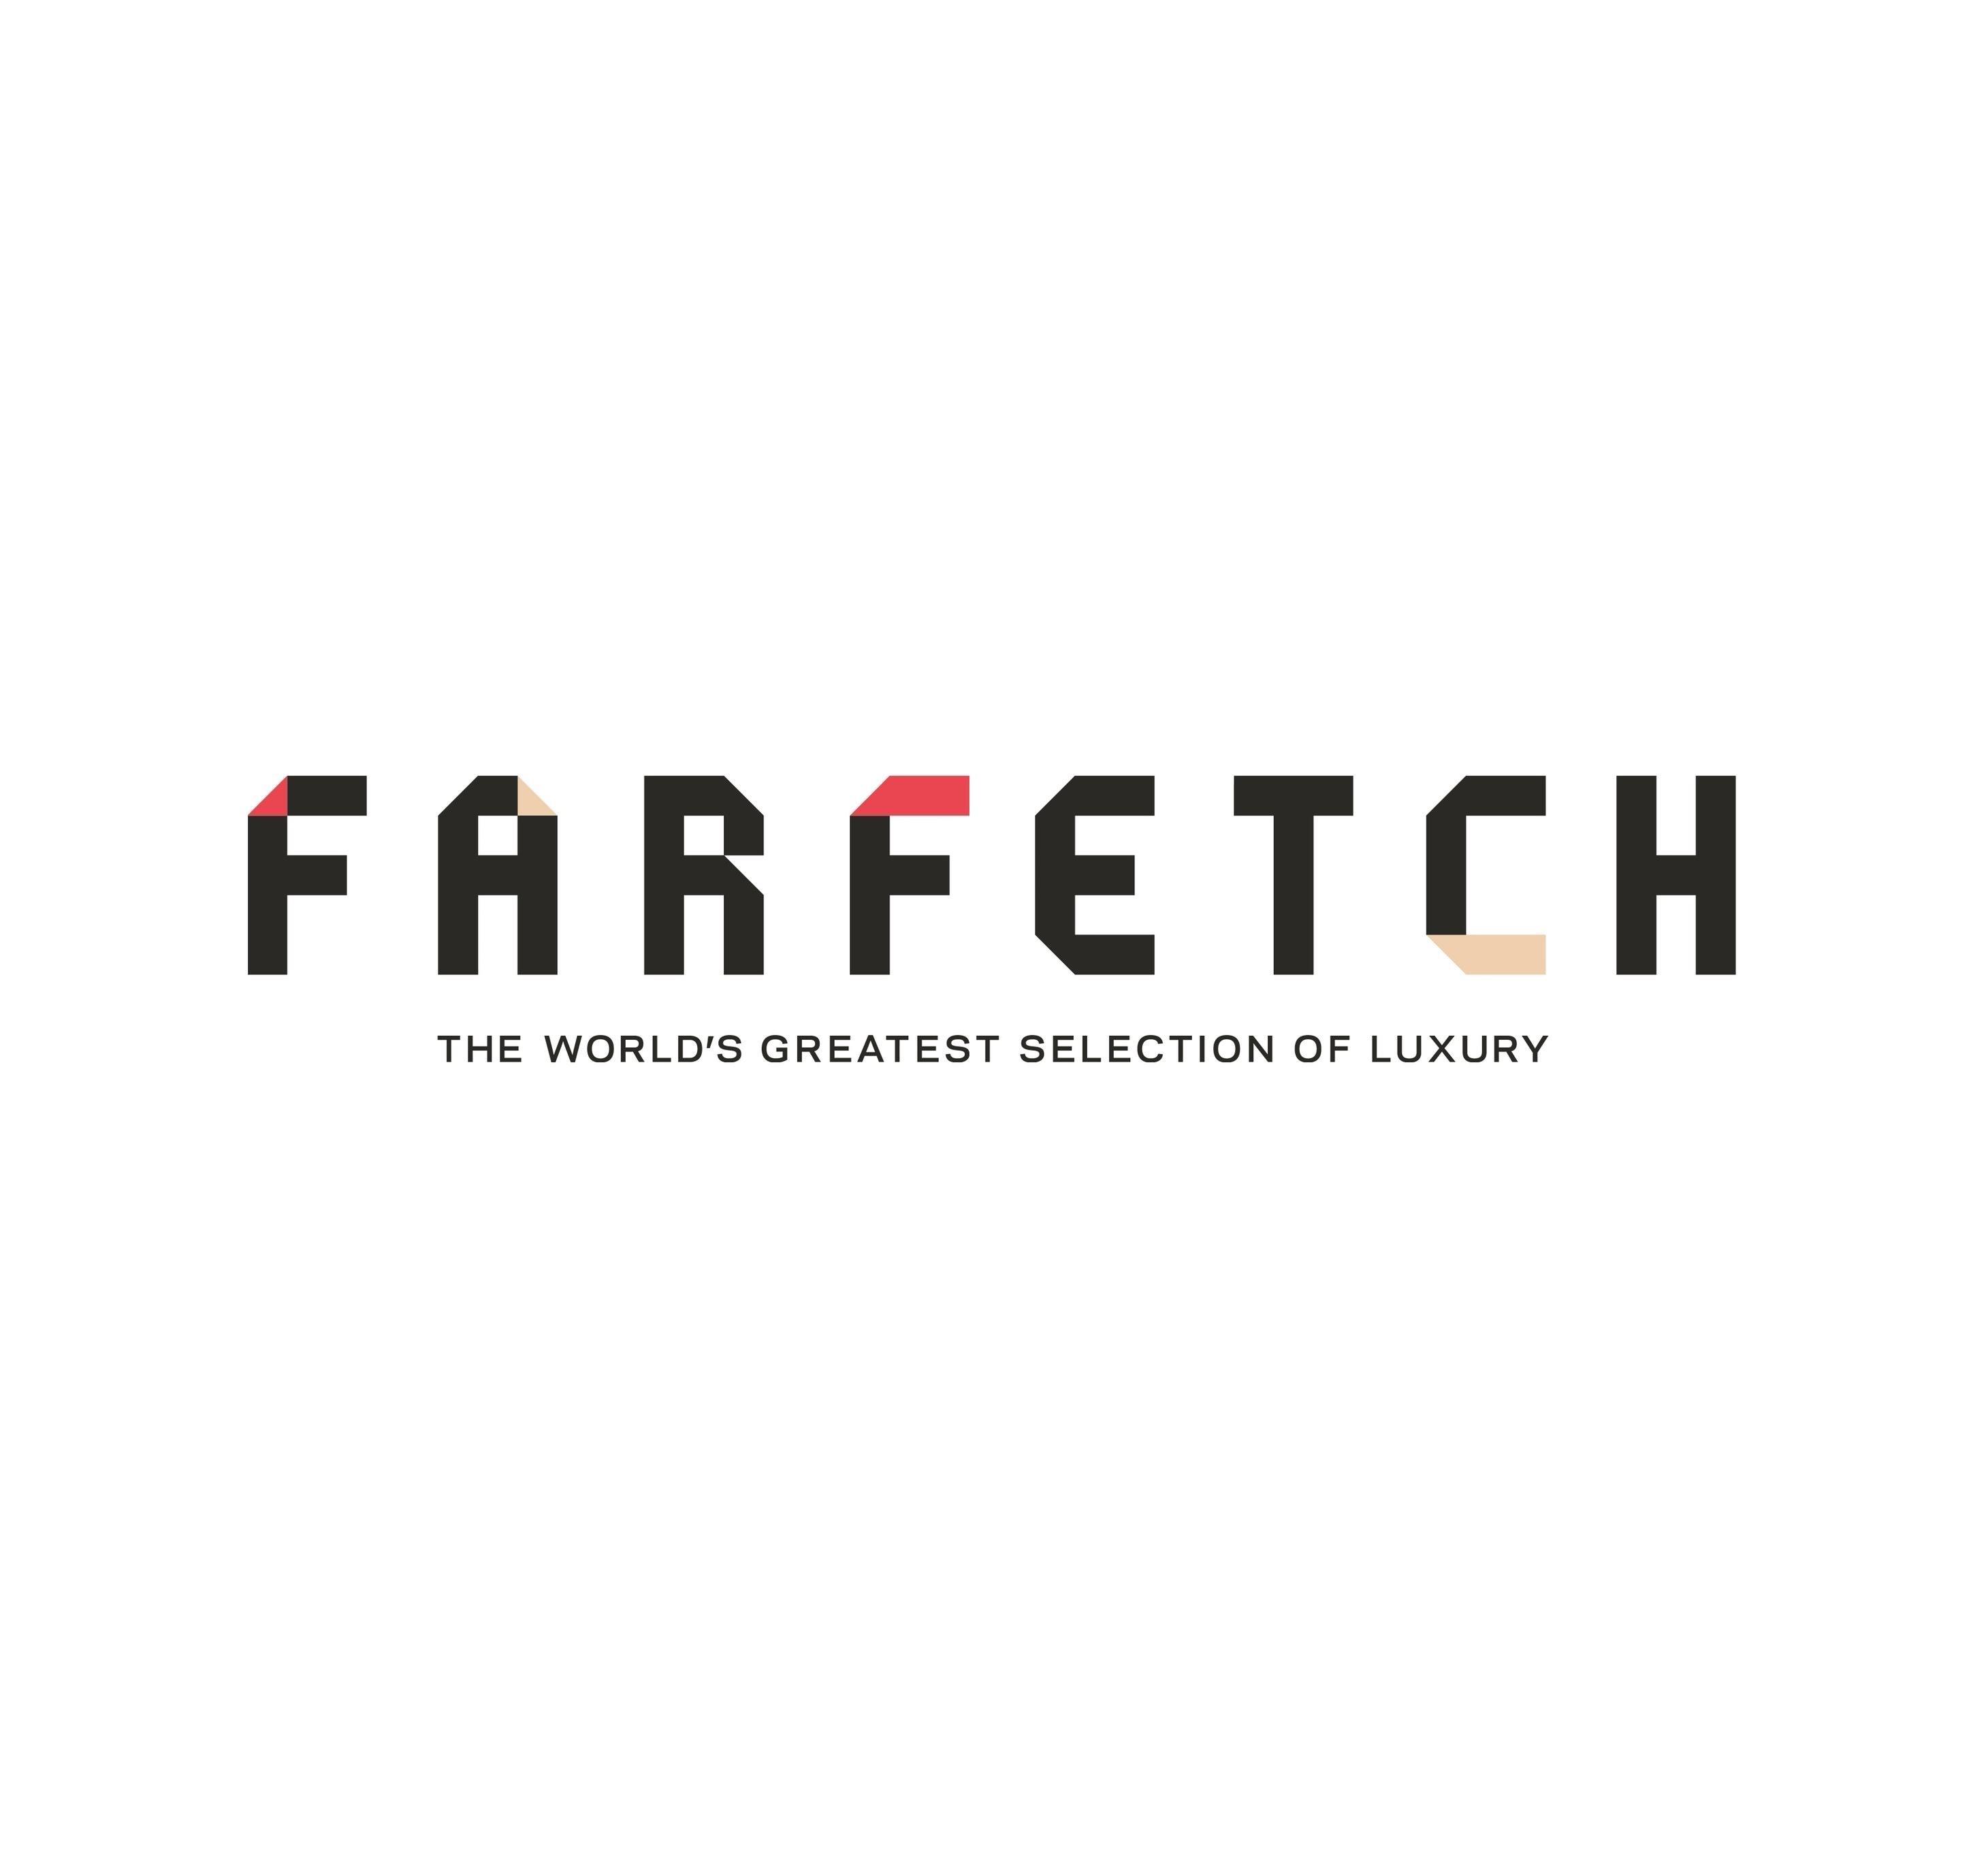 Farfetch CN